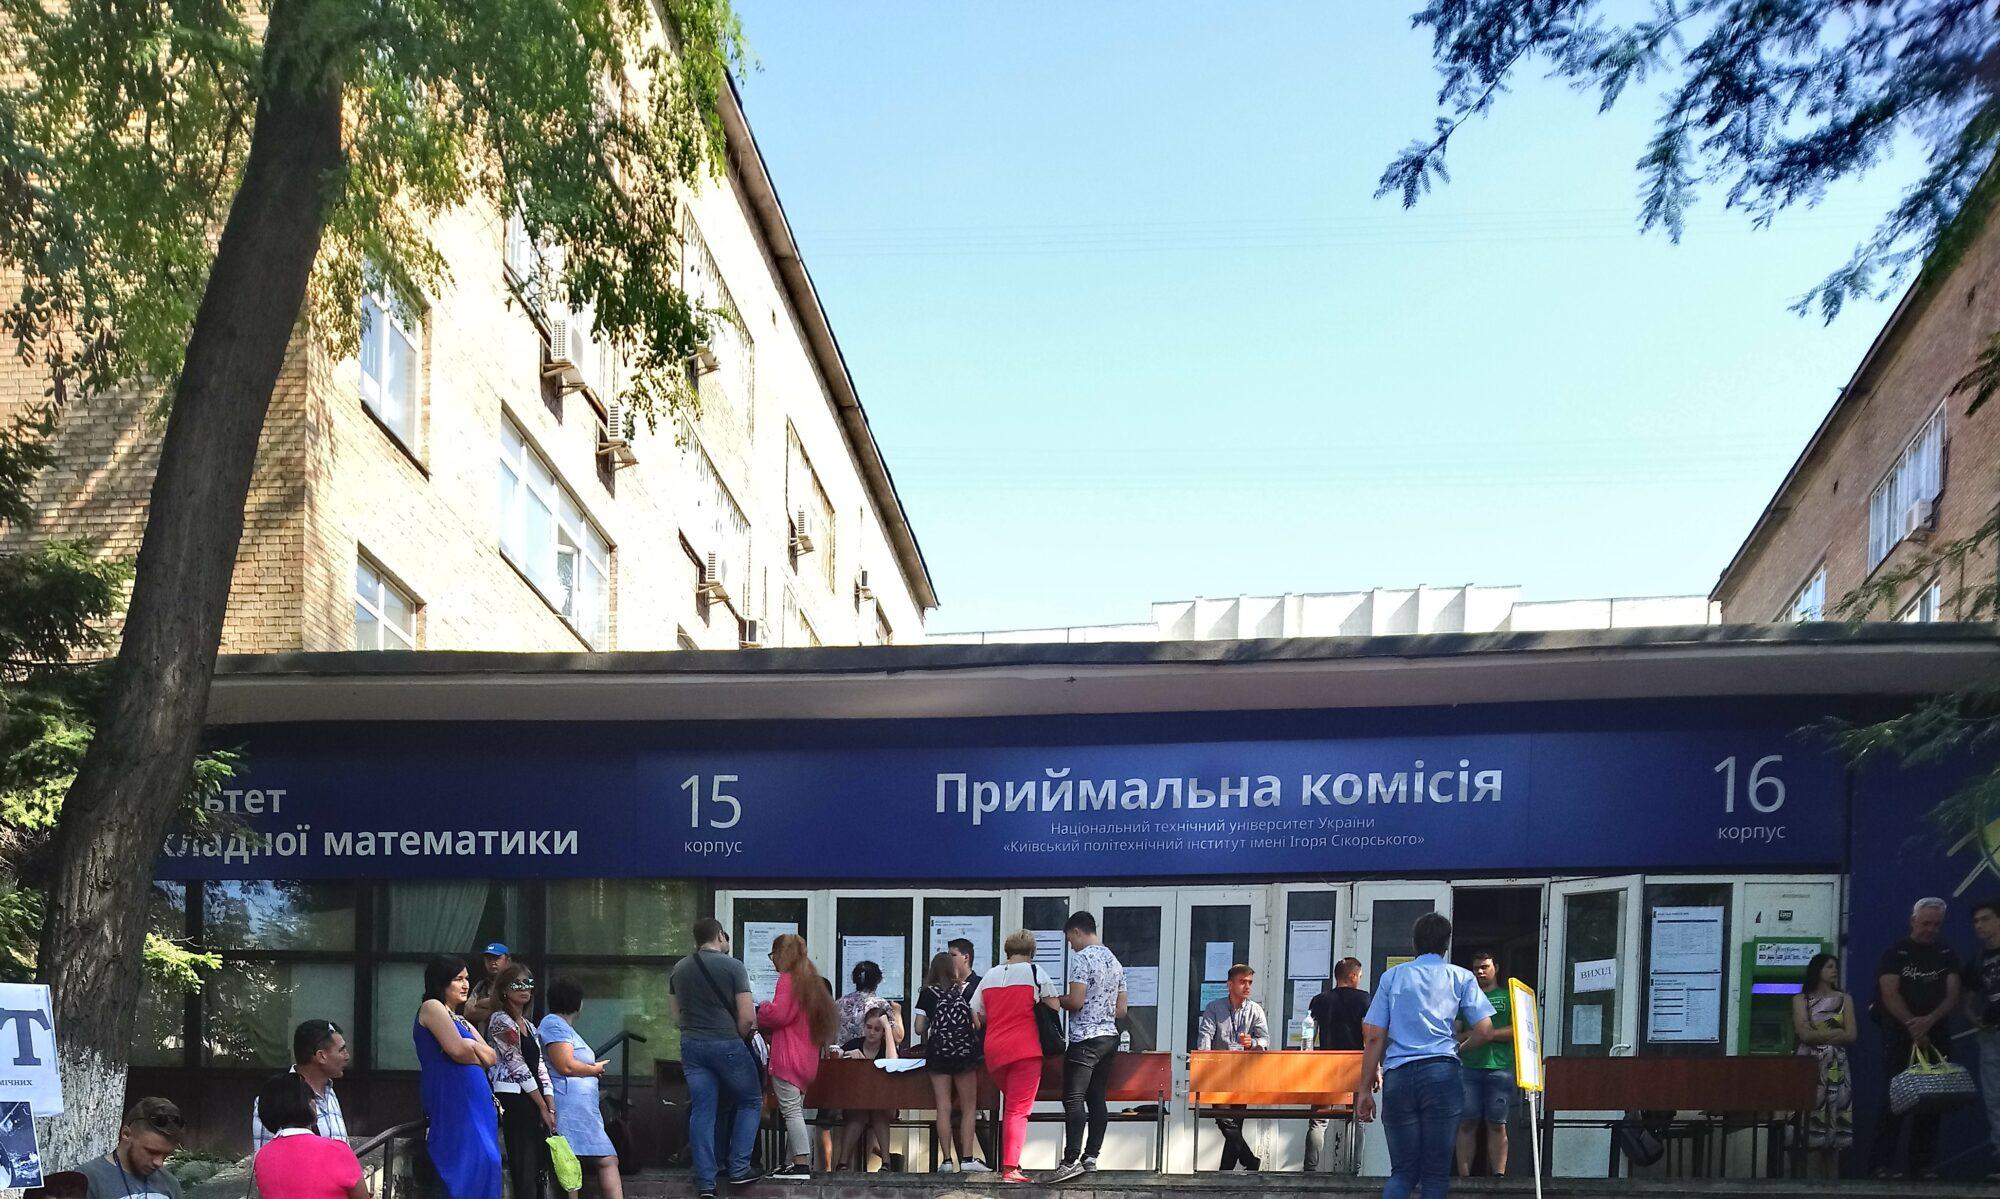 МОН прагне залучити якомога більше вступників із окупованого Криму та Донбасу - МОН, ЗНО - DSC 2242 2000x1199